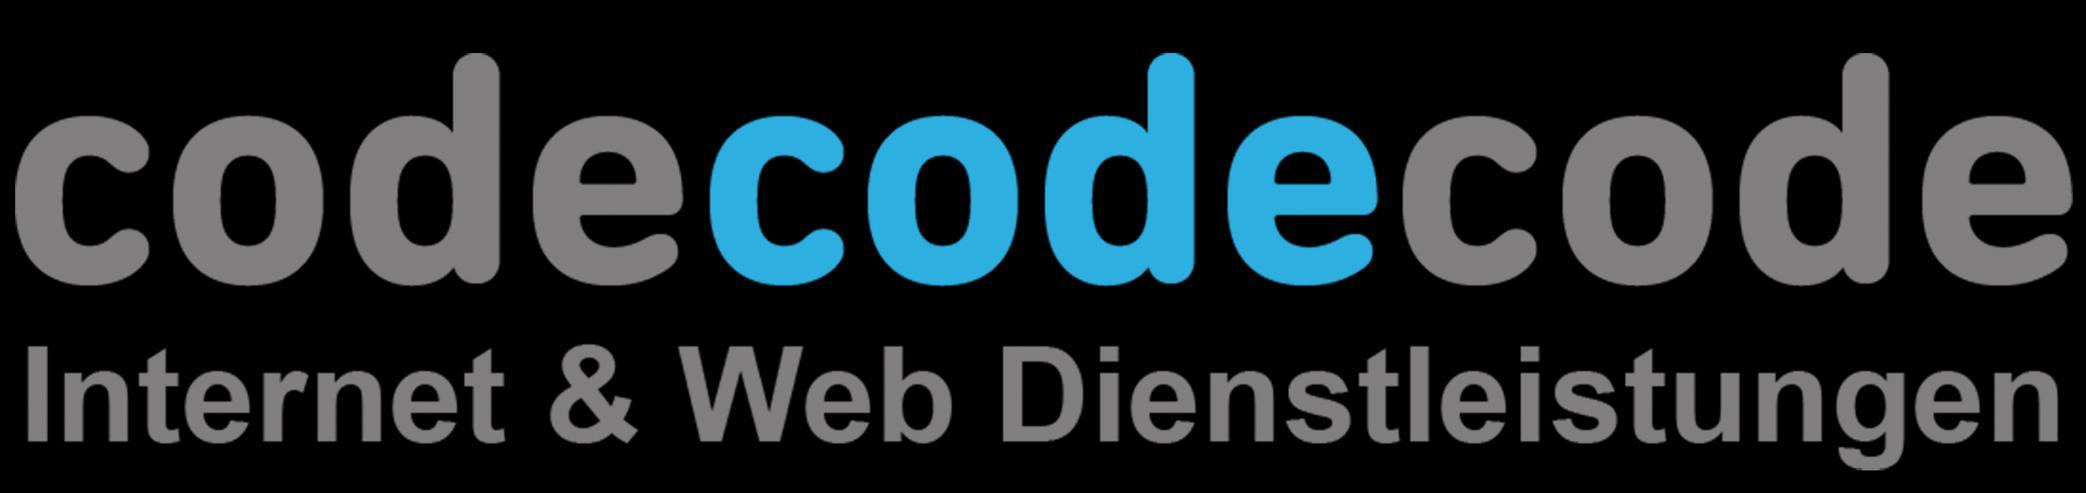 TOP Webdesign und Webentwicklung aus München - Sonstige Dienstleistungen - Bild 1